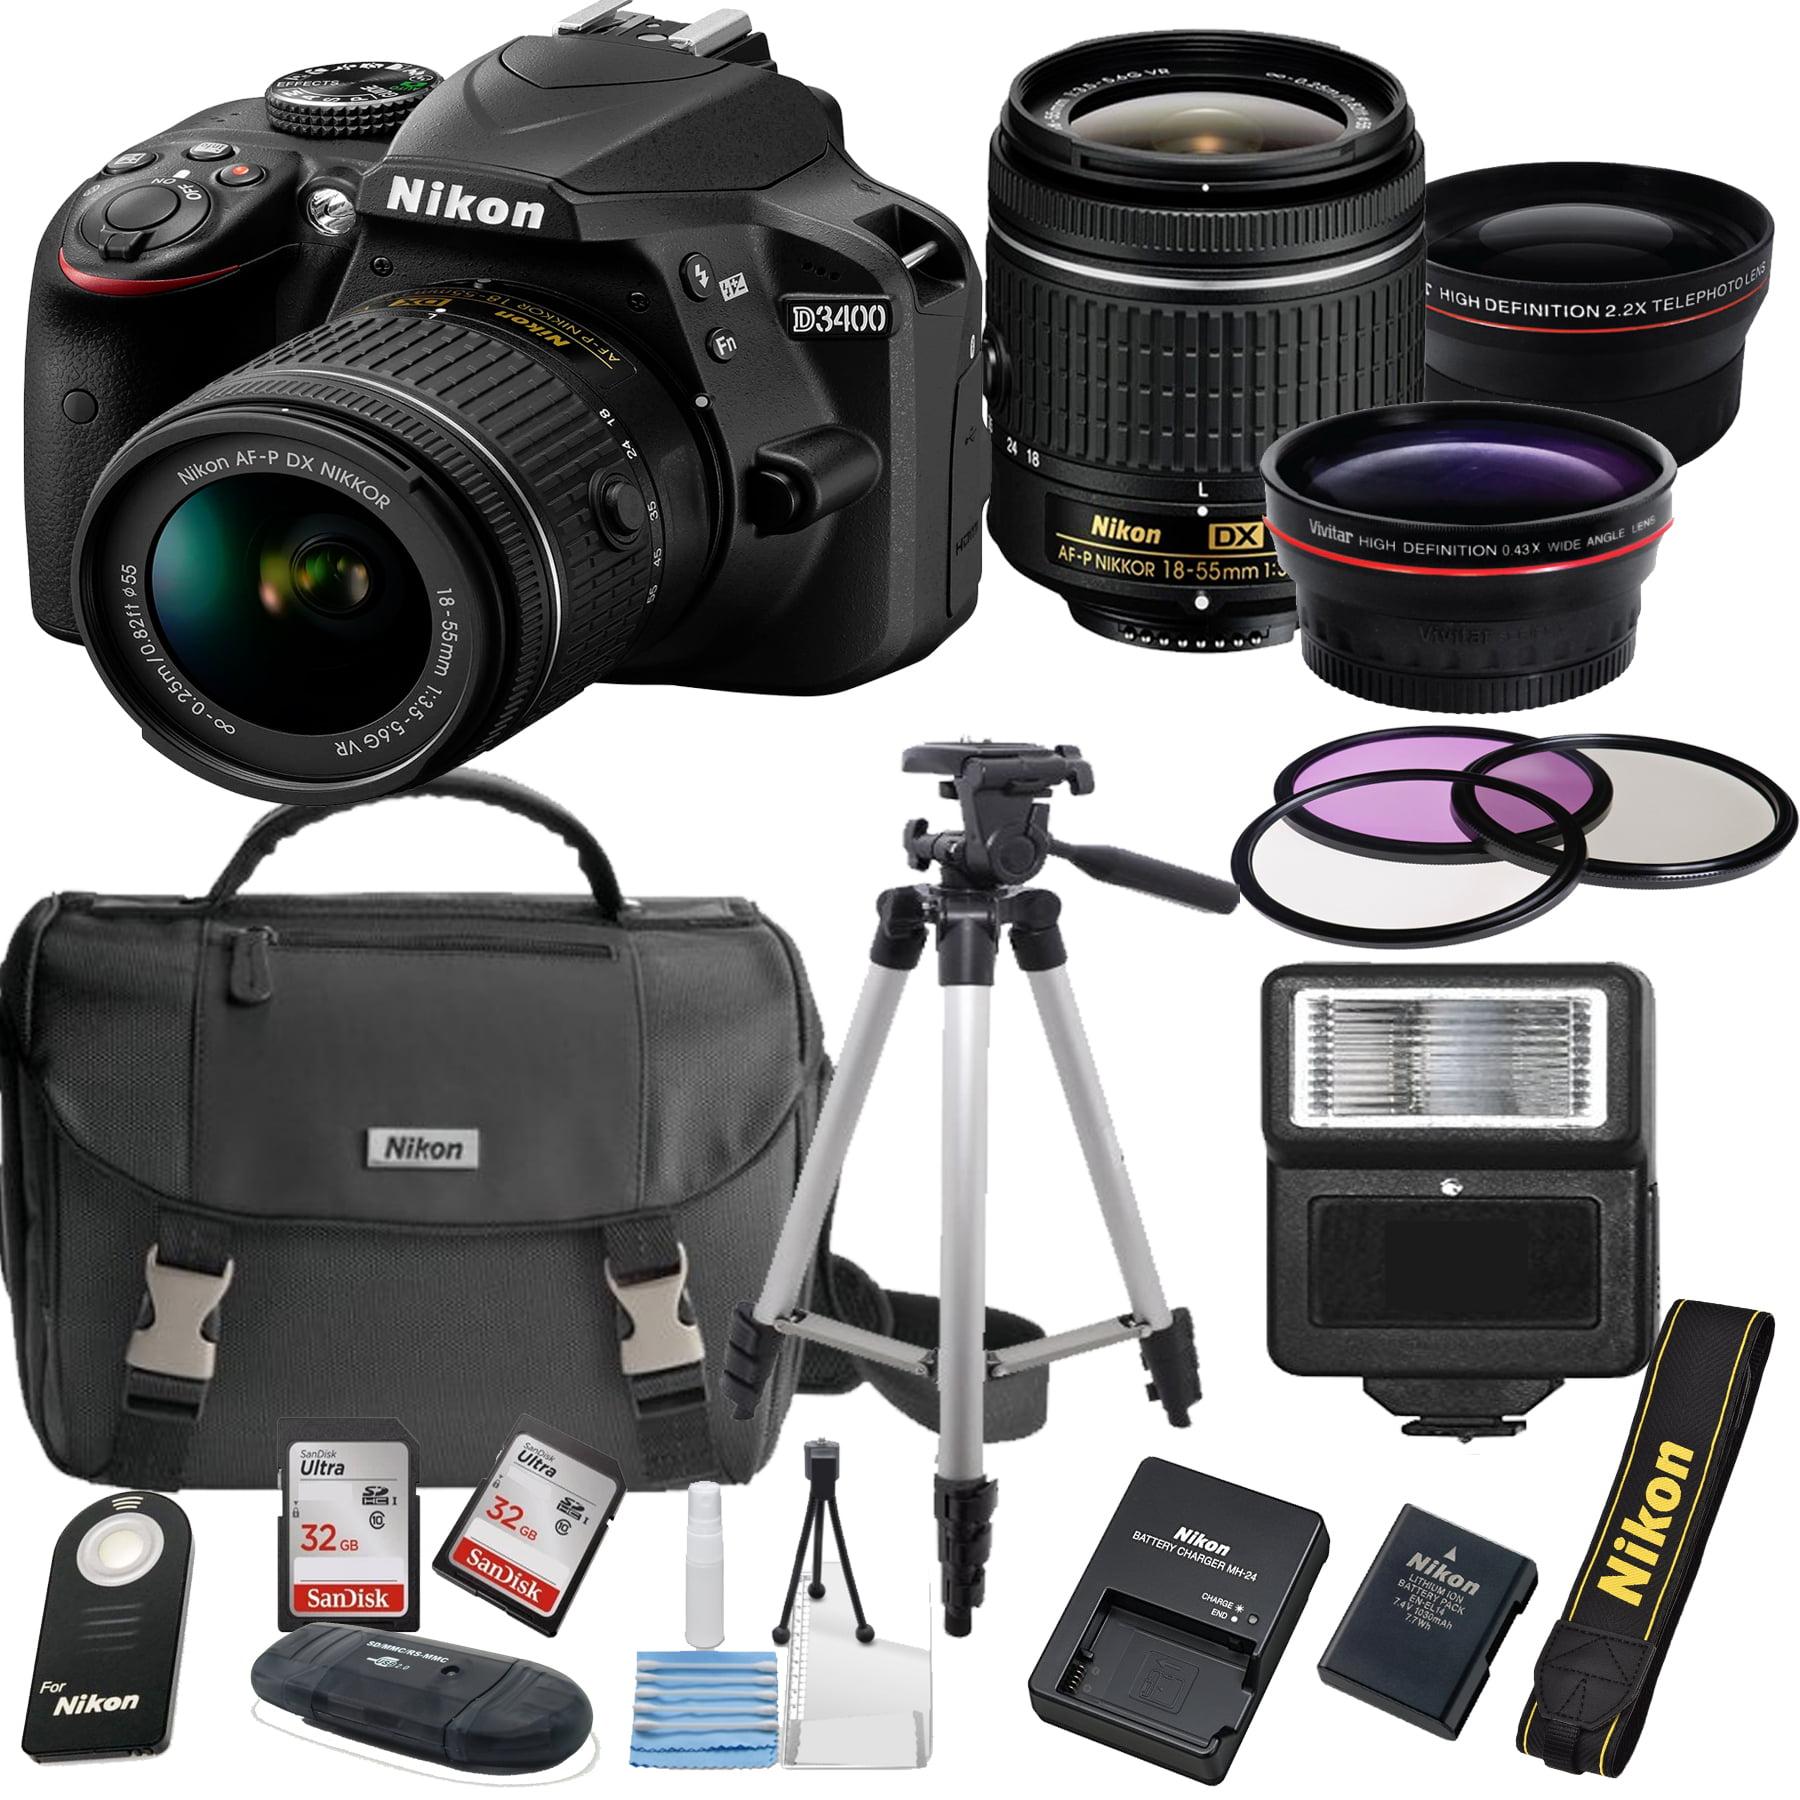 Nikon D3400 24.2 MP DSLR Camera + 18-55mm VR Lens Kit + Accessory Bundle + 2X 32GB Memory + Nikon Camera Bag + Wide Angle Lens + 2x Telephoto Lens + Flash + Remote + Tripod + Filters  + More